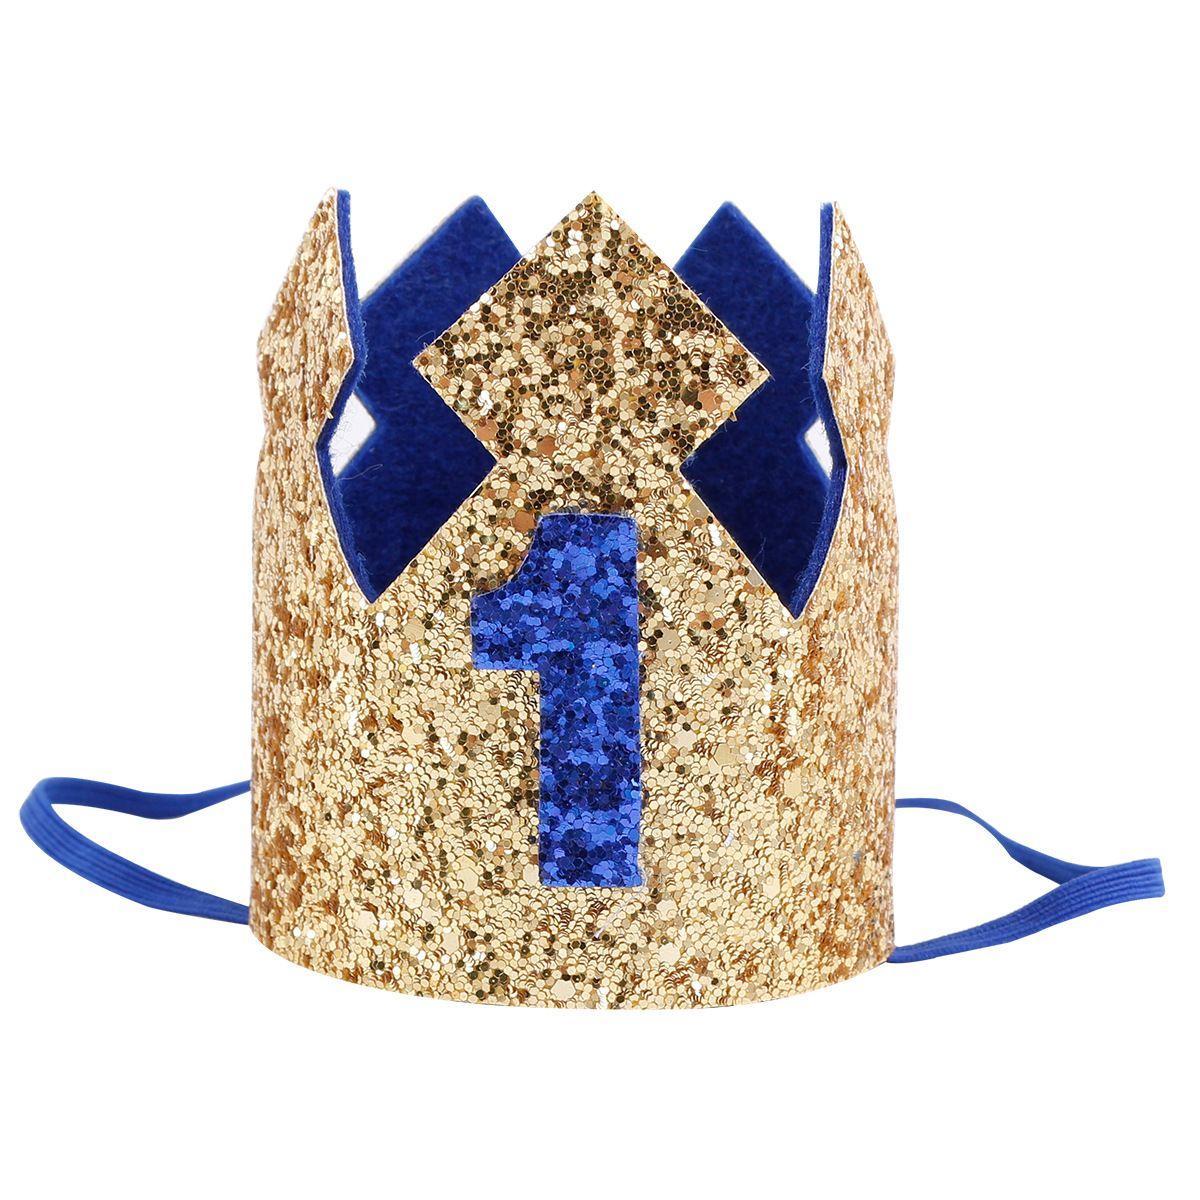 Glitter Baby bambini festa di compleanno fasce boutique paillettes corona cappello principi principessa fasce capelli bambini puntelli fotografia YA0306